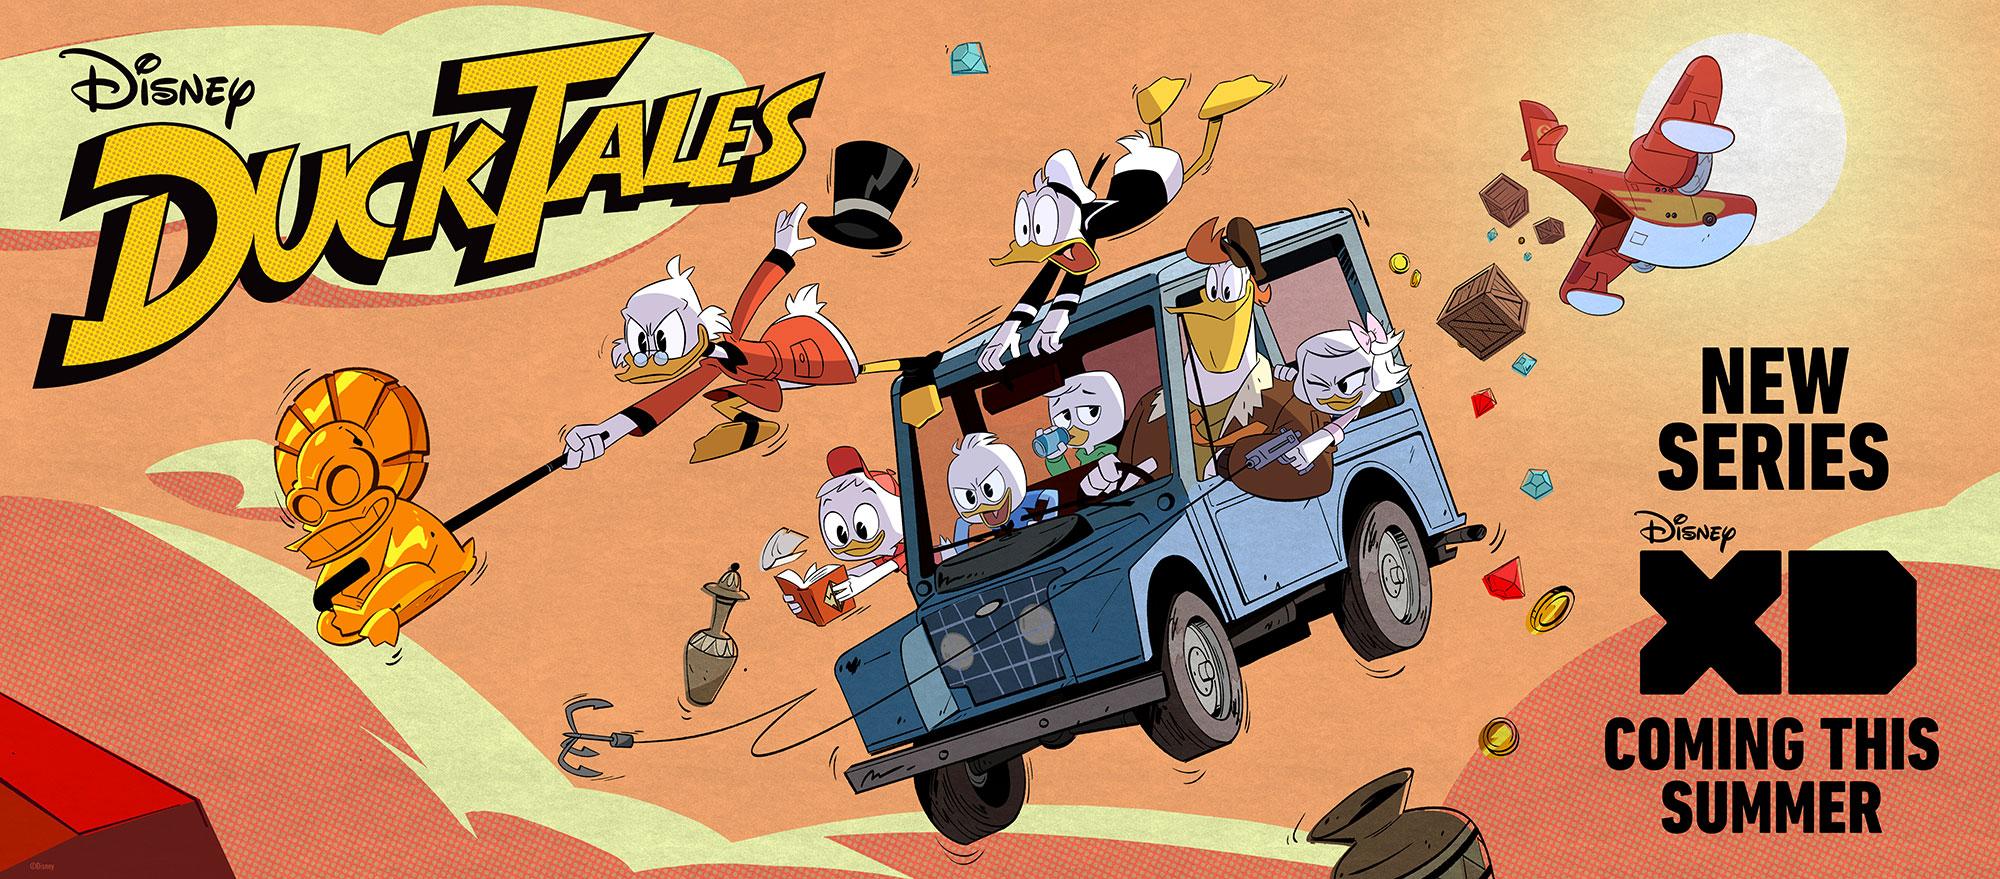 DuckTales teaser image